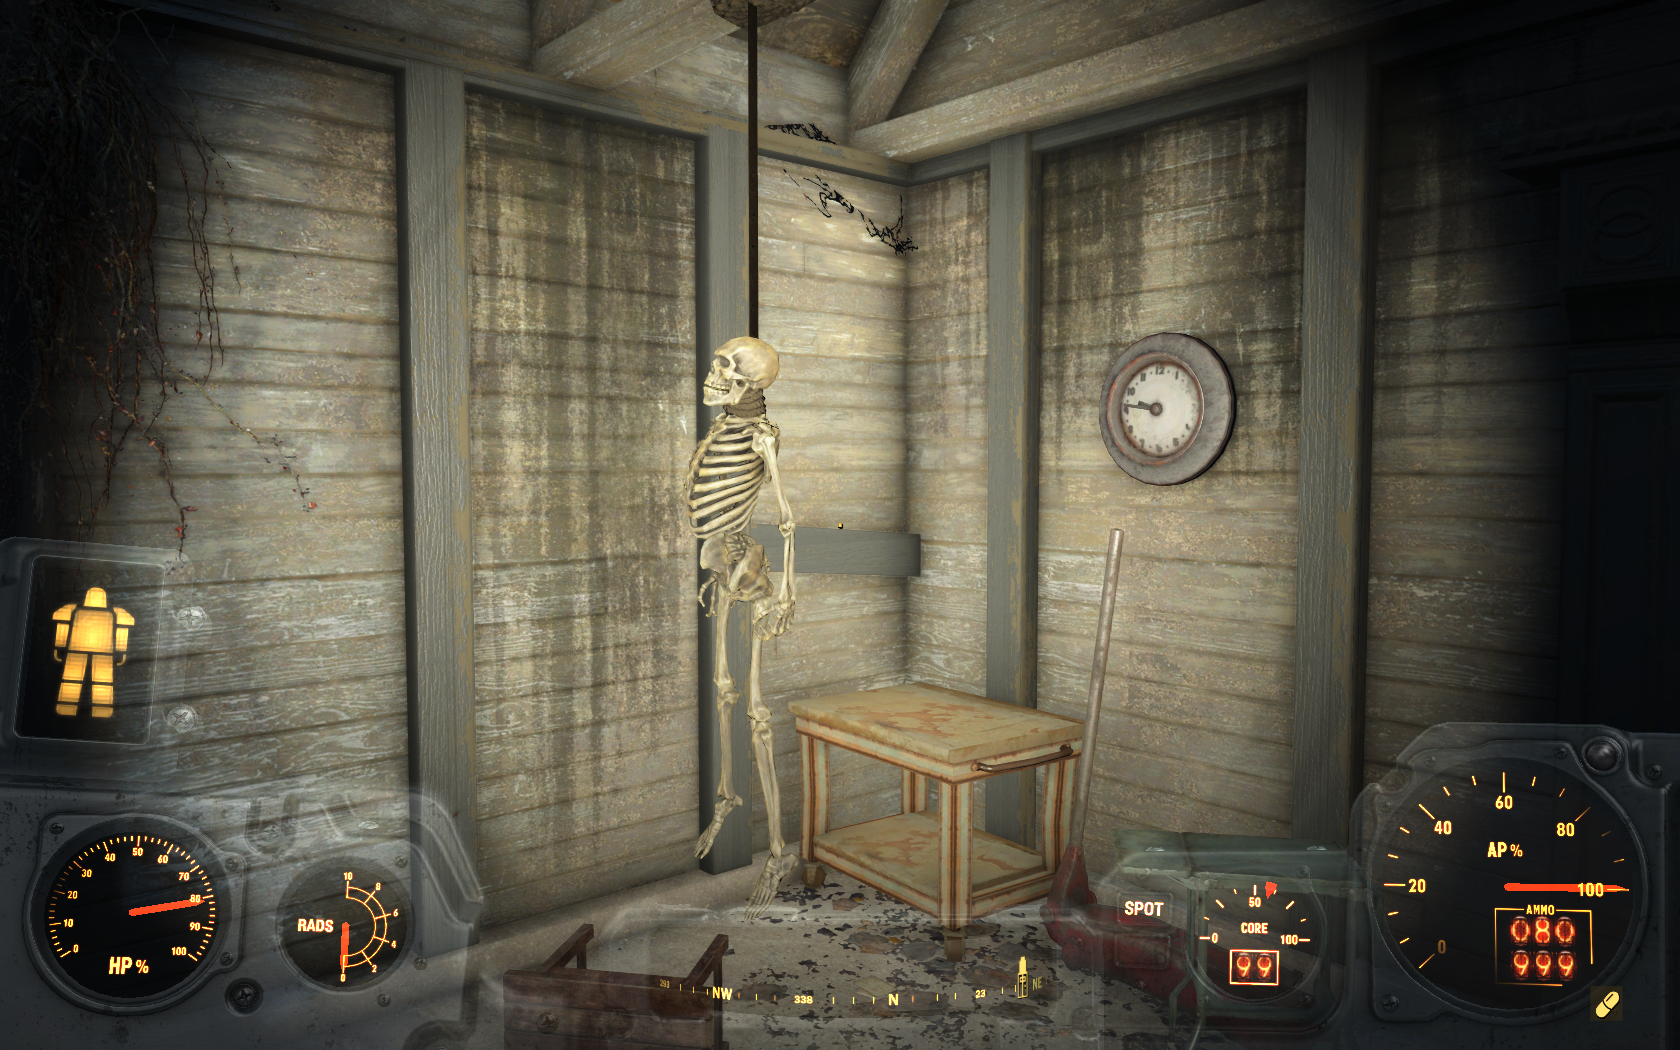 Жизнь не задалась (западнее мотеля Сосны у дороги) - Fallout 4 скелет